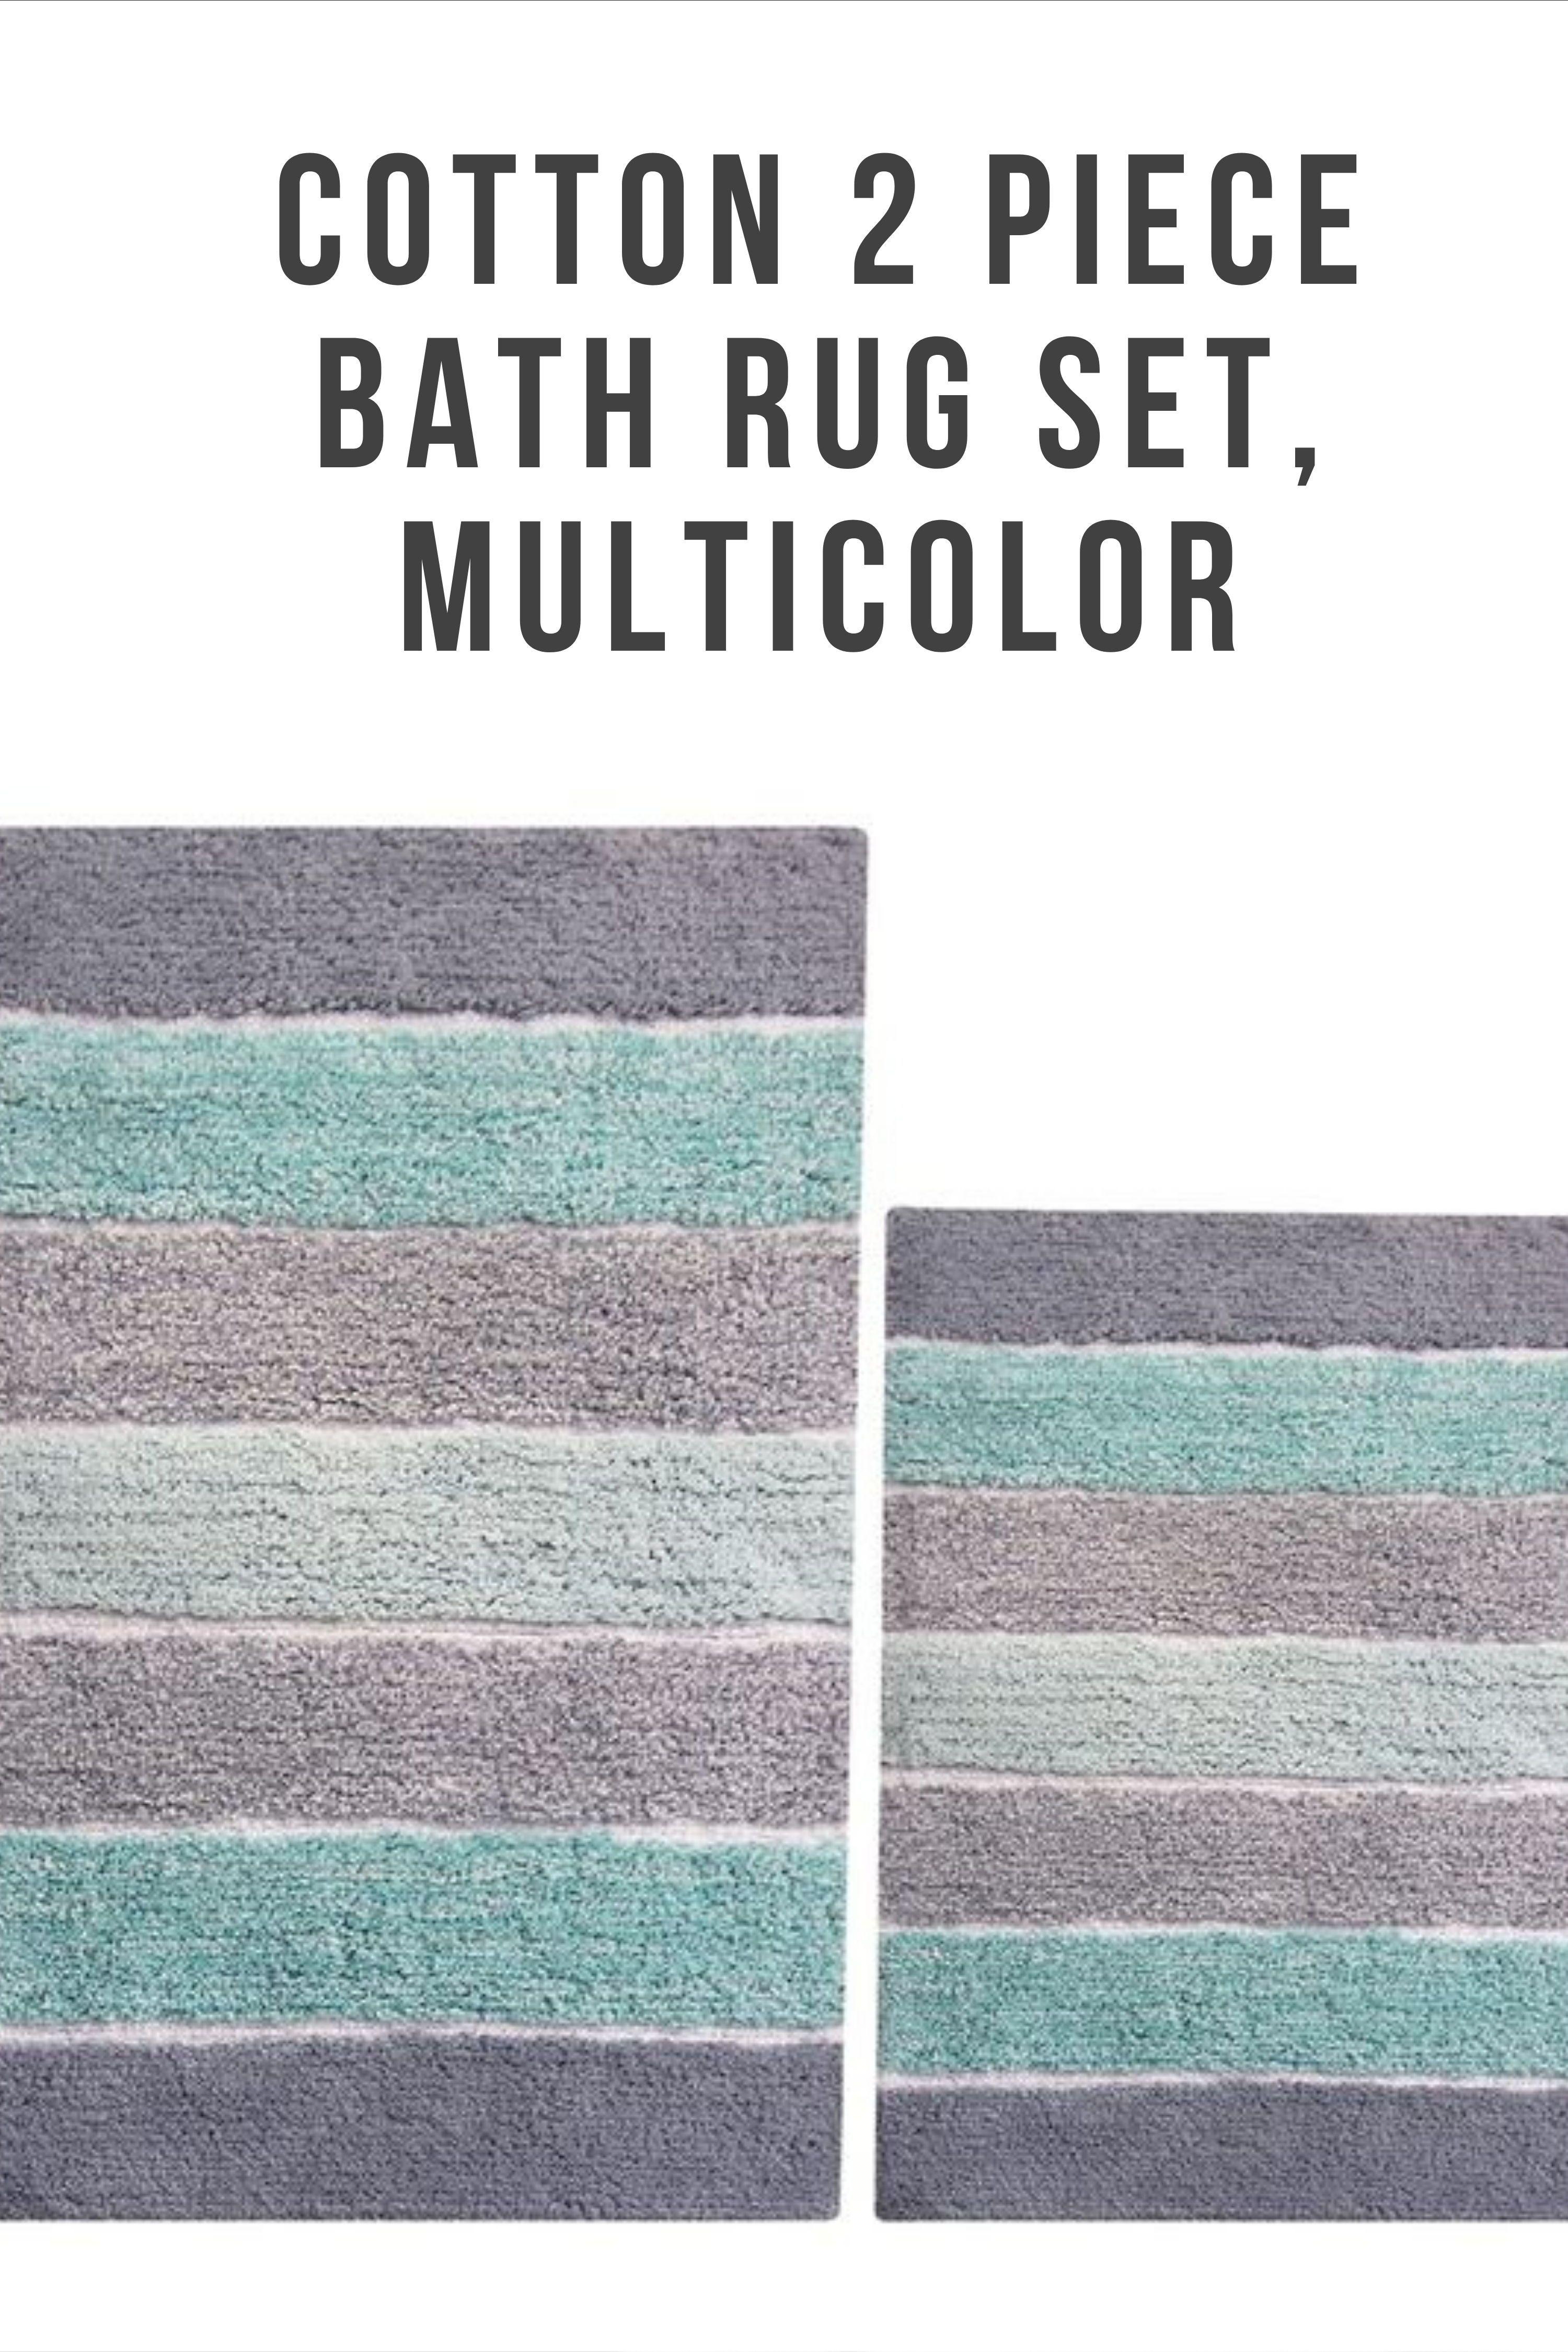 Bath Rug Top Shop Bay Bath Rugs Sets Bath Rug Rugs [ 4500 x 3000 Pixel ]